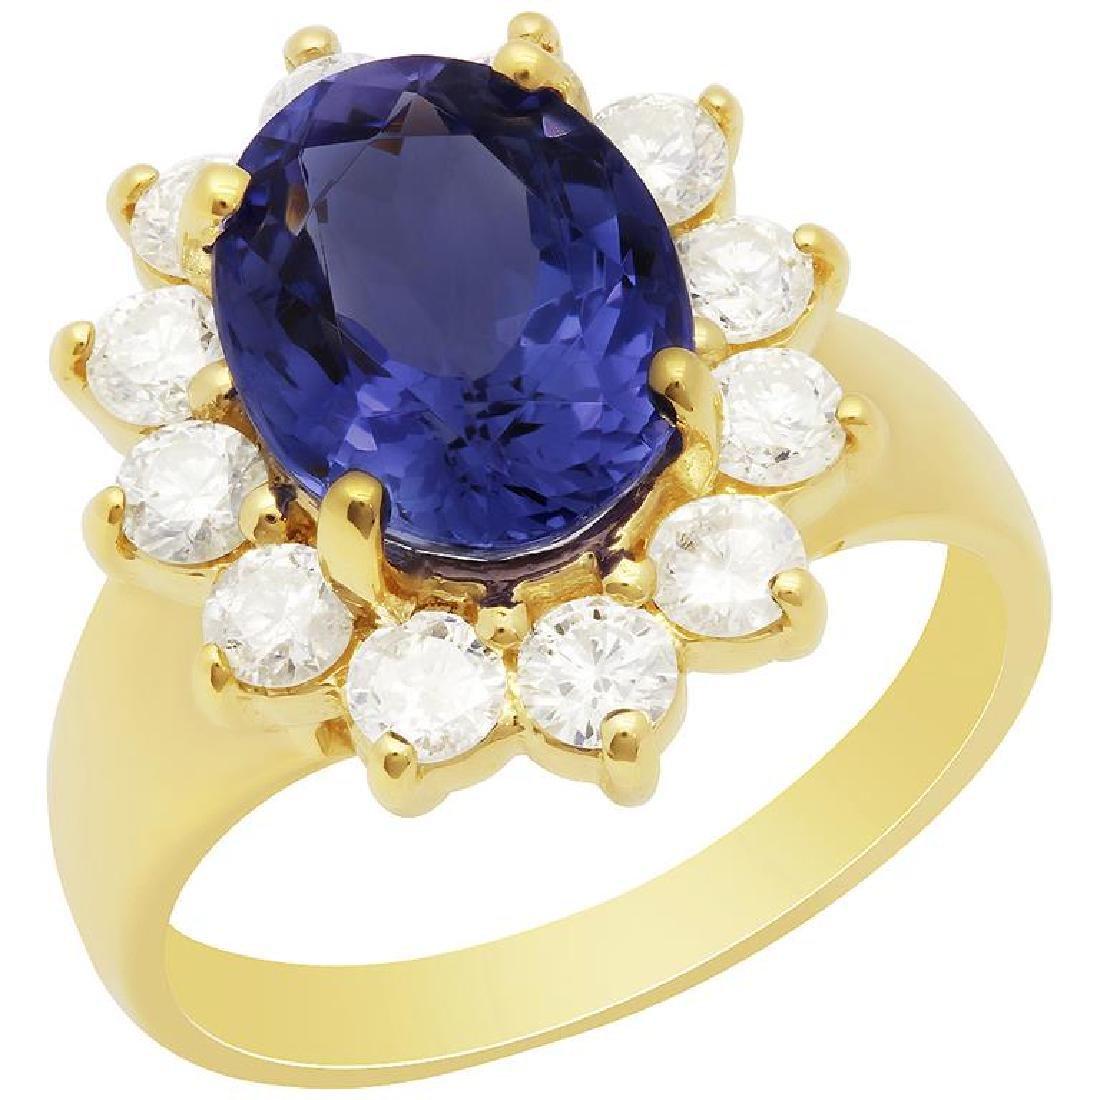 14k Yellow Gold 3.93ct Tanzanite 1.19ct Diamond Ring